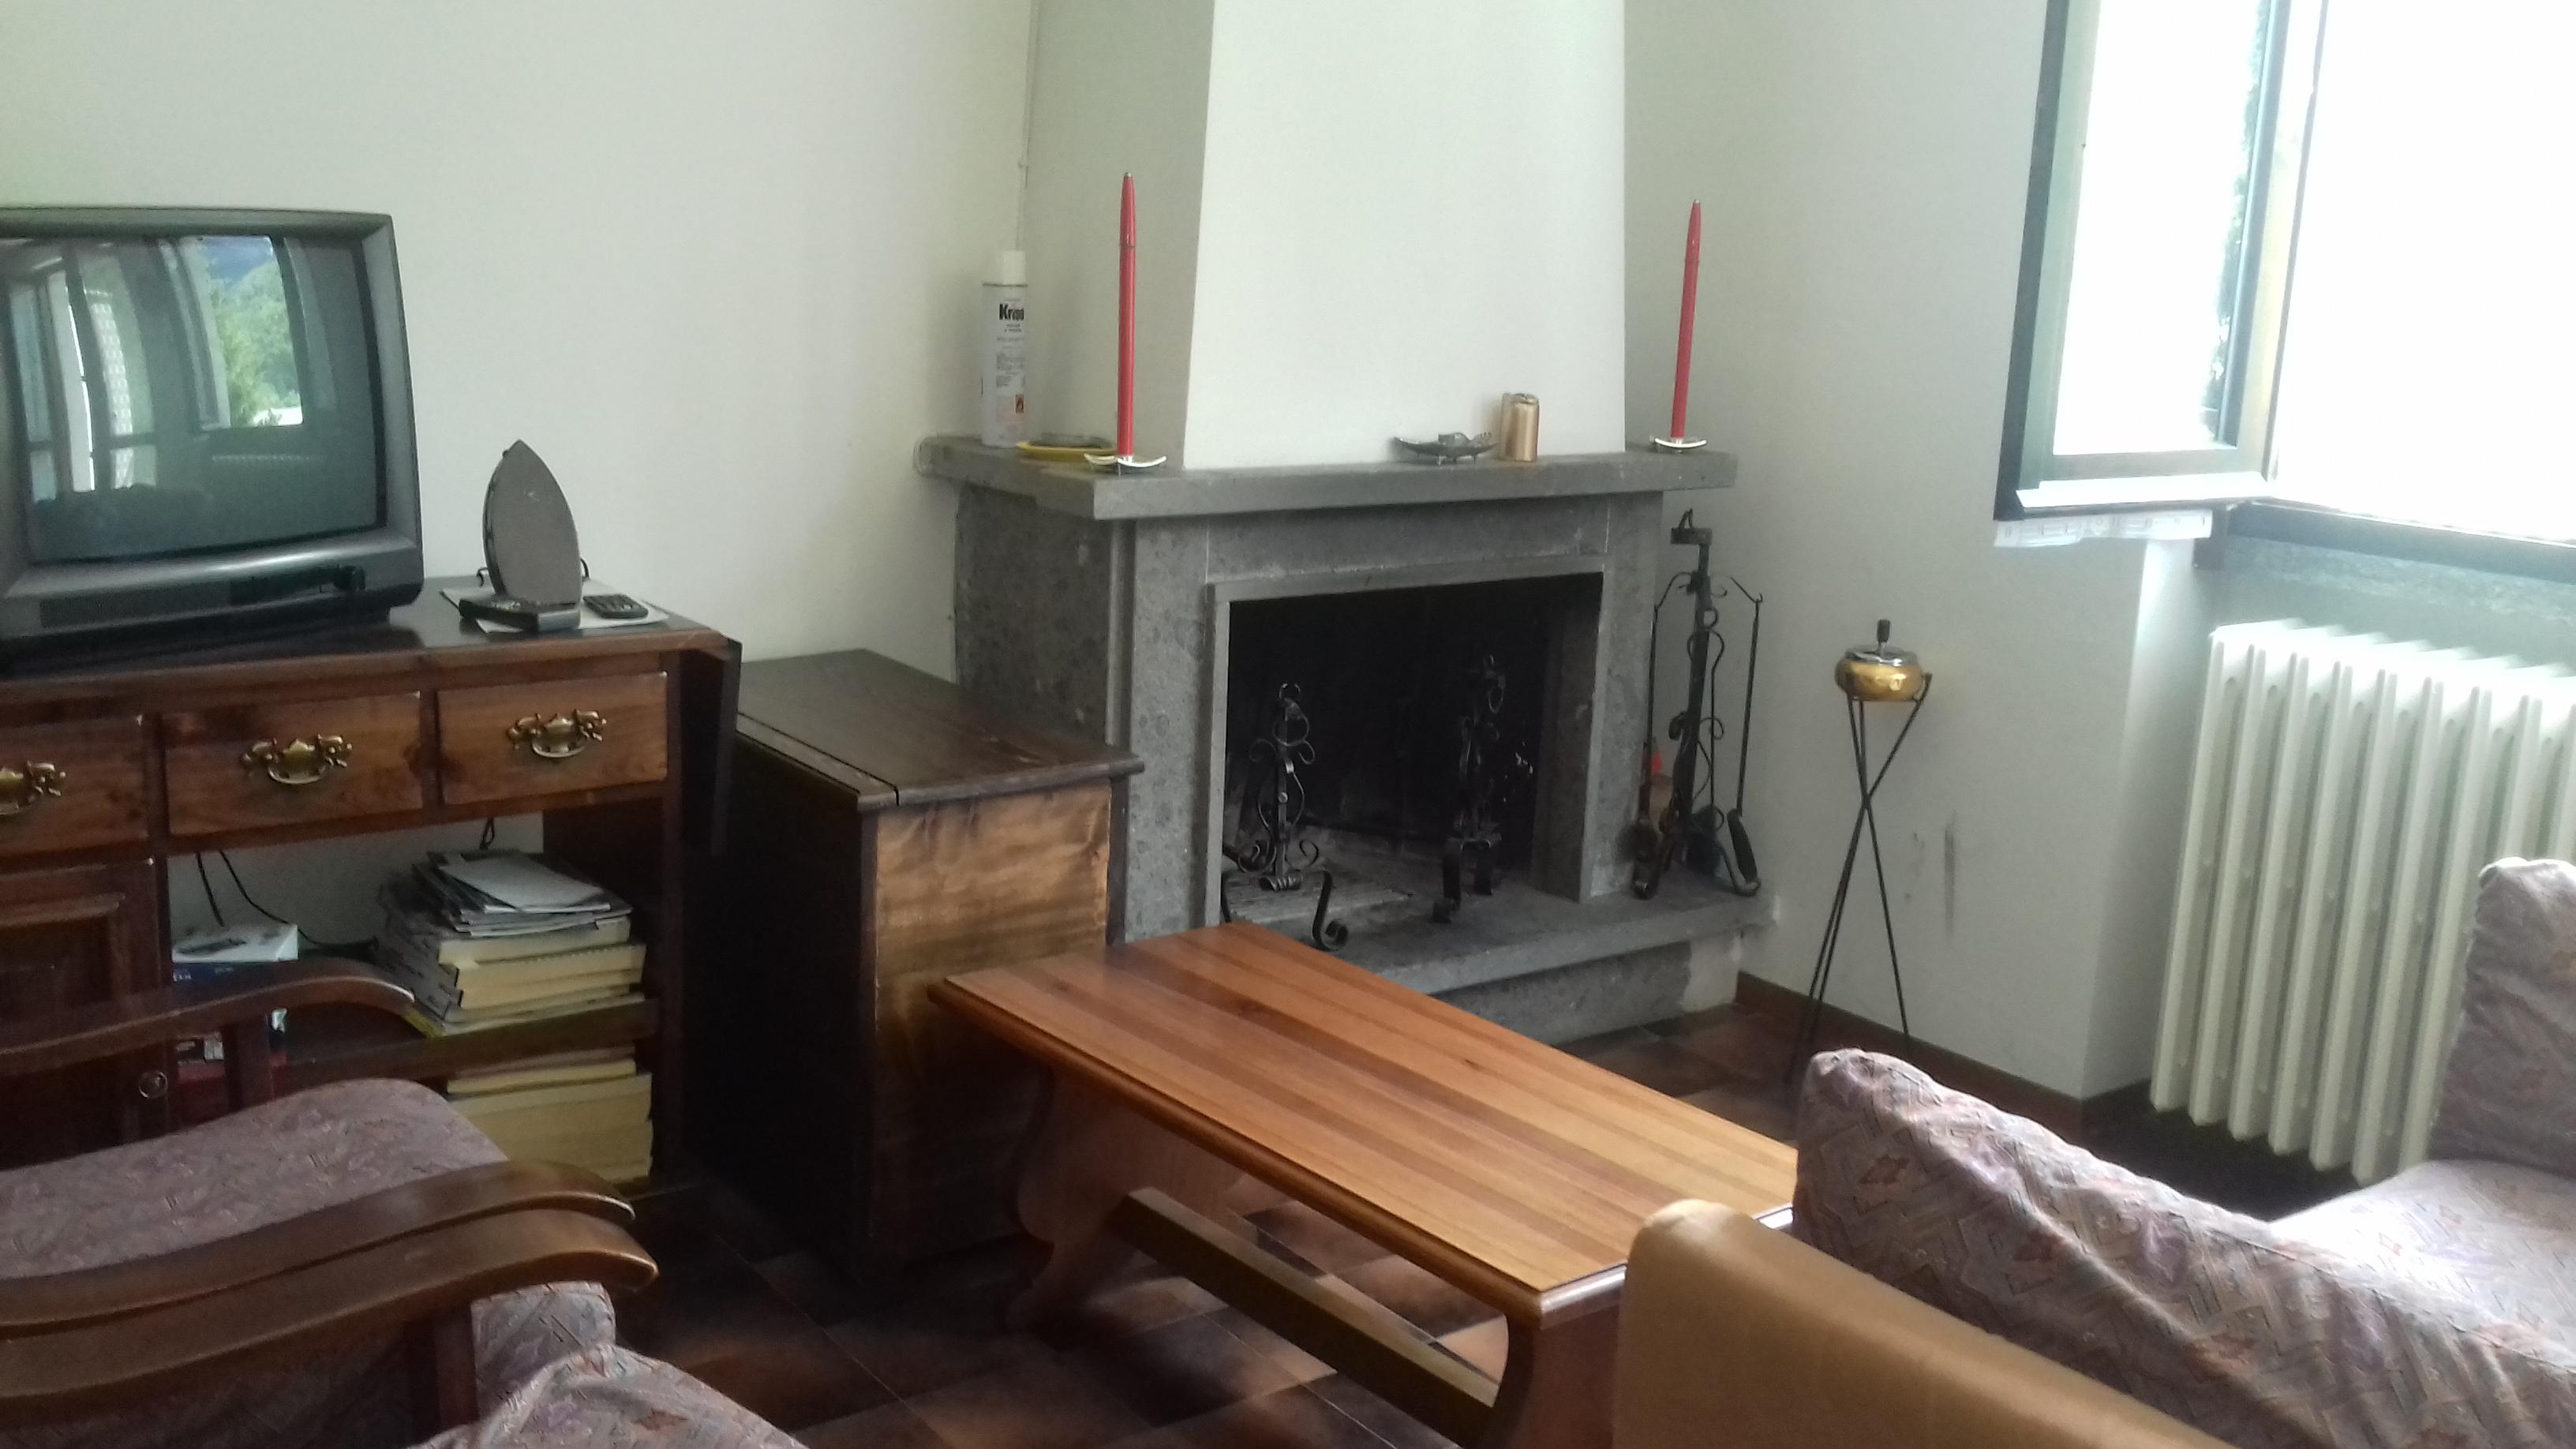 Appartamento in condominio secondo piano